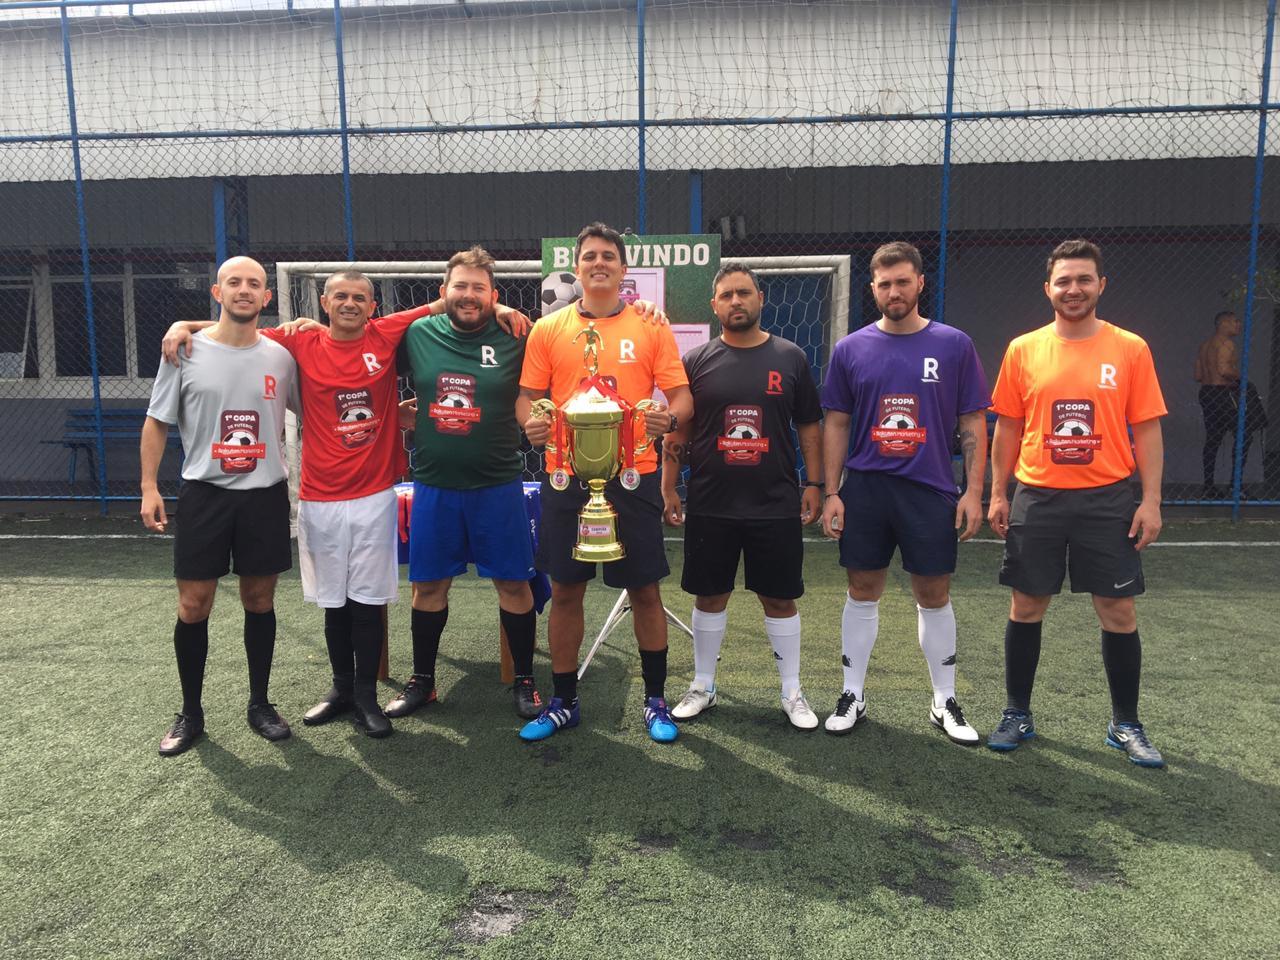 Copa Rakuten Marketing de Futebol reuniu parceiros do programa de afiliados em dia de muita confraternização